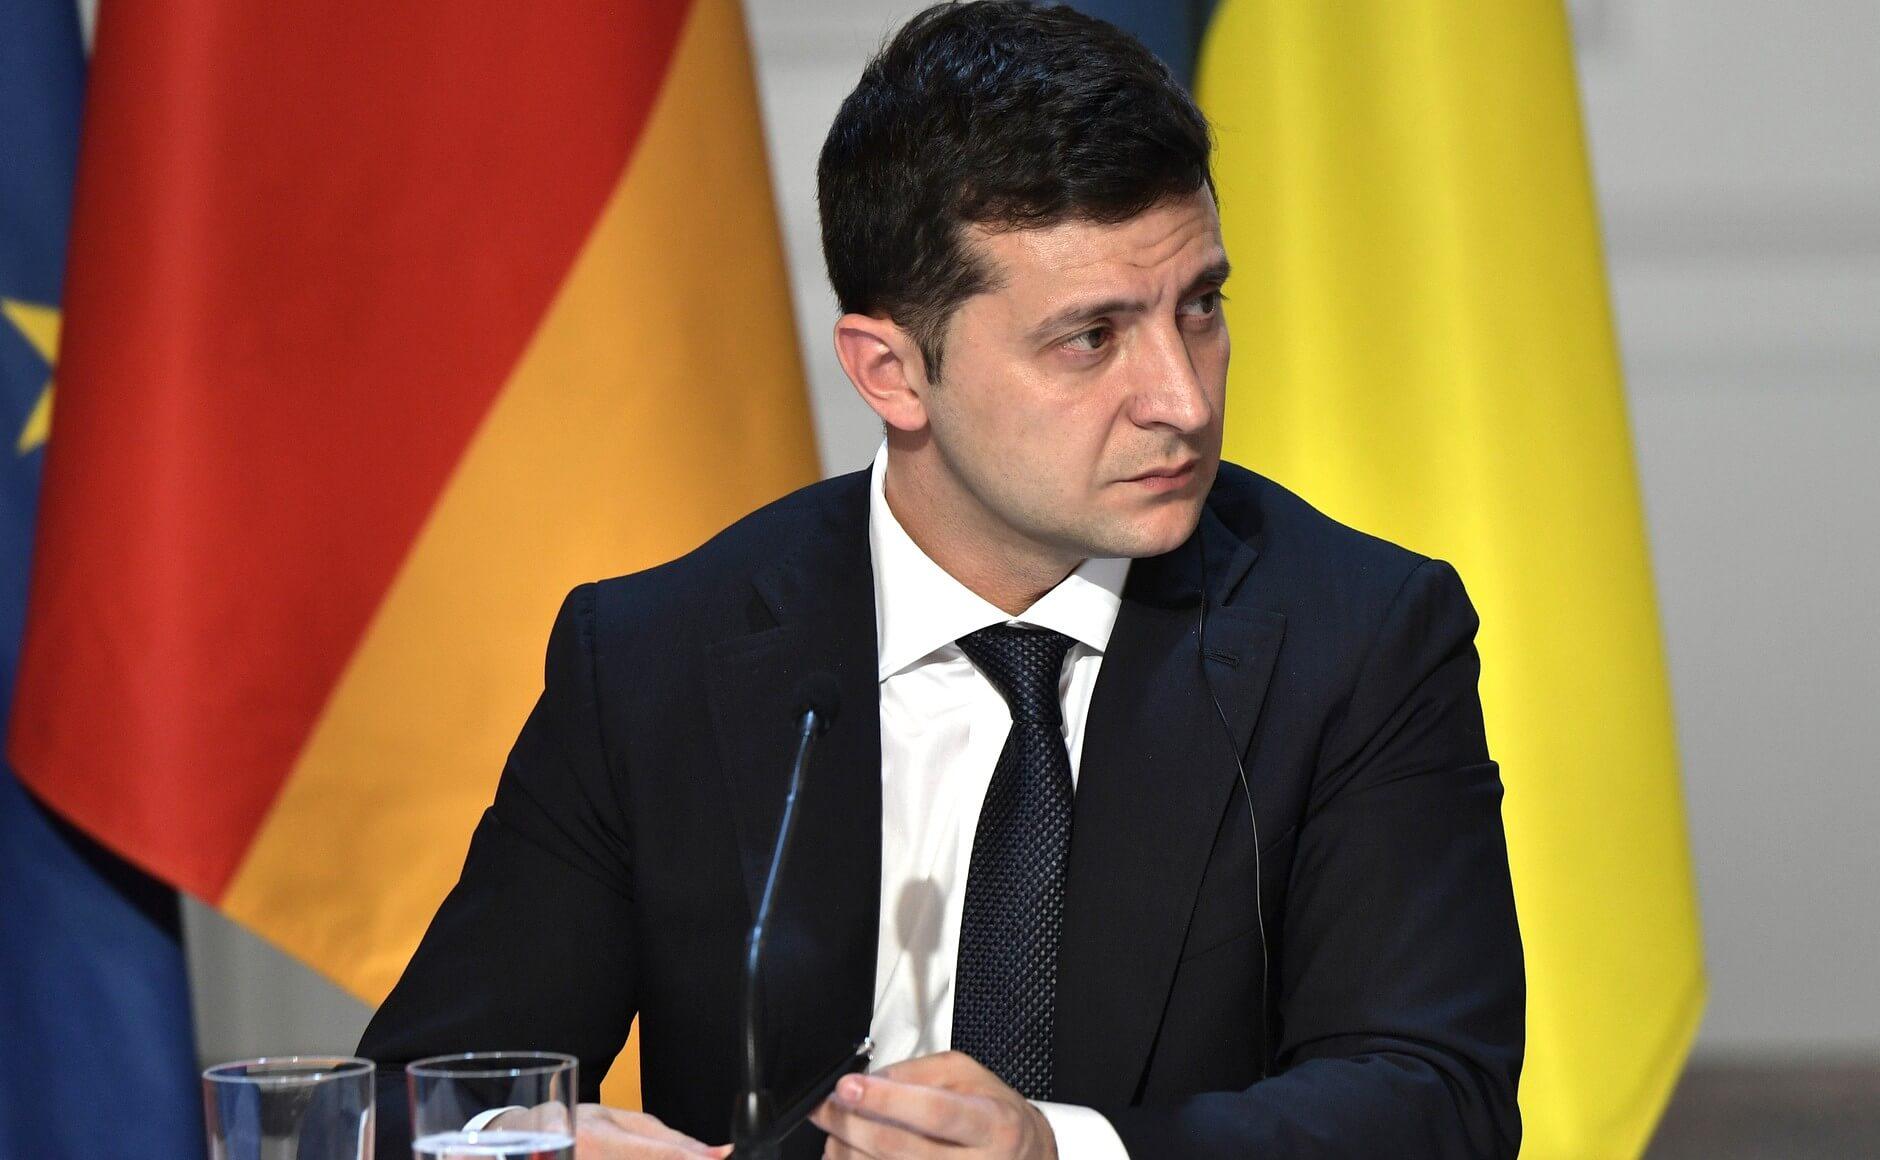 Украинская партия «Слуга народа» просит Зеленского идти на второй срок